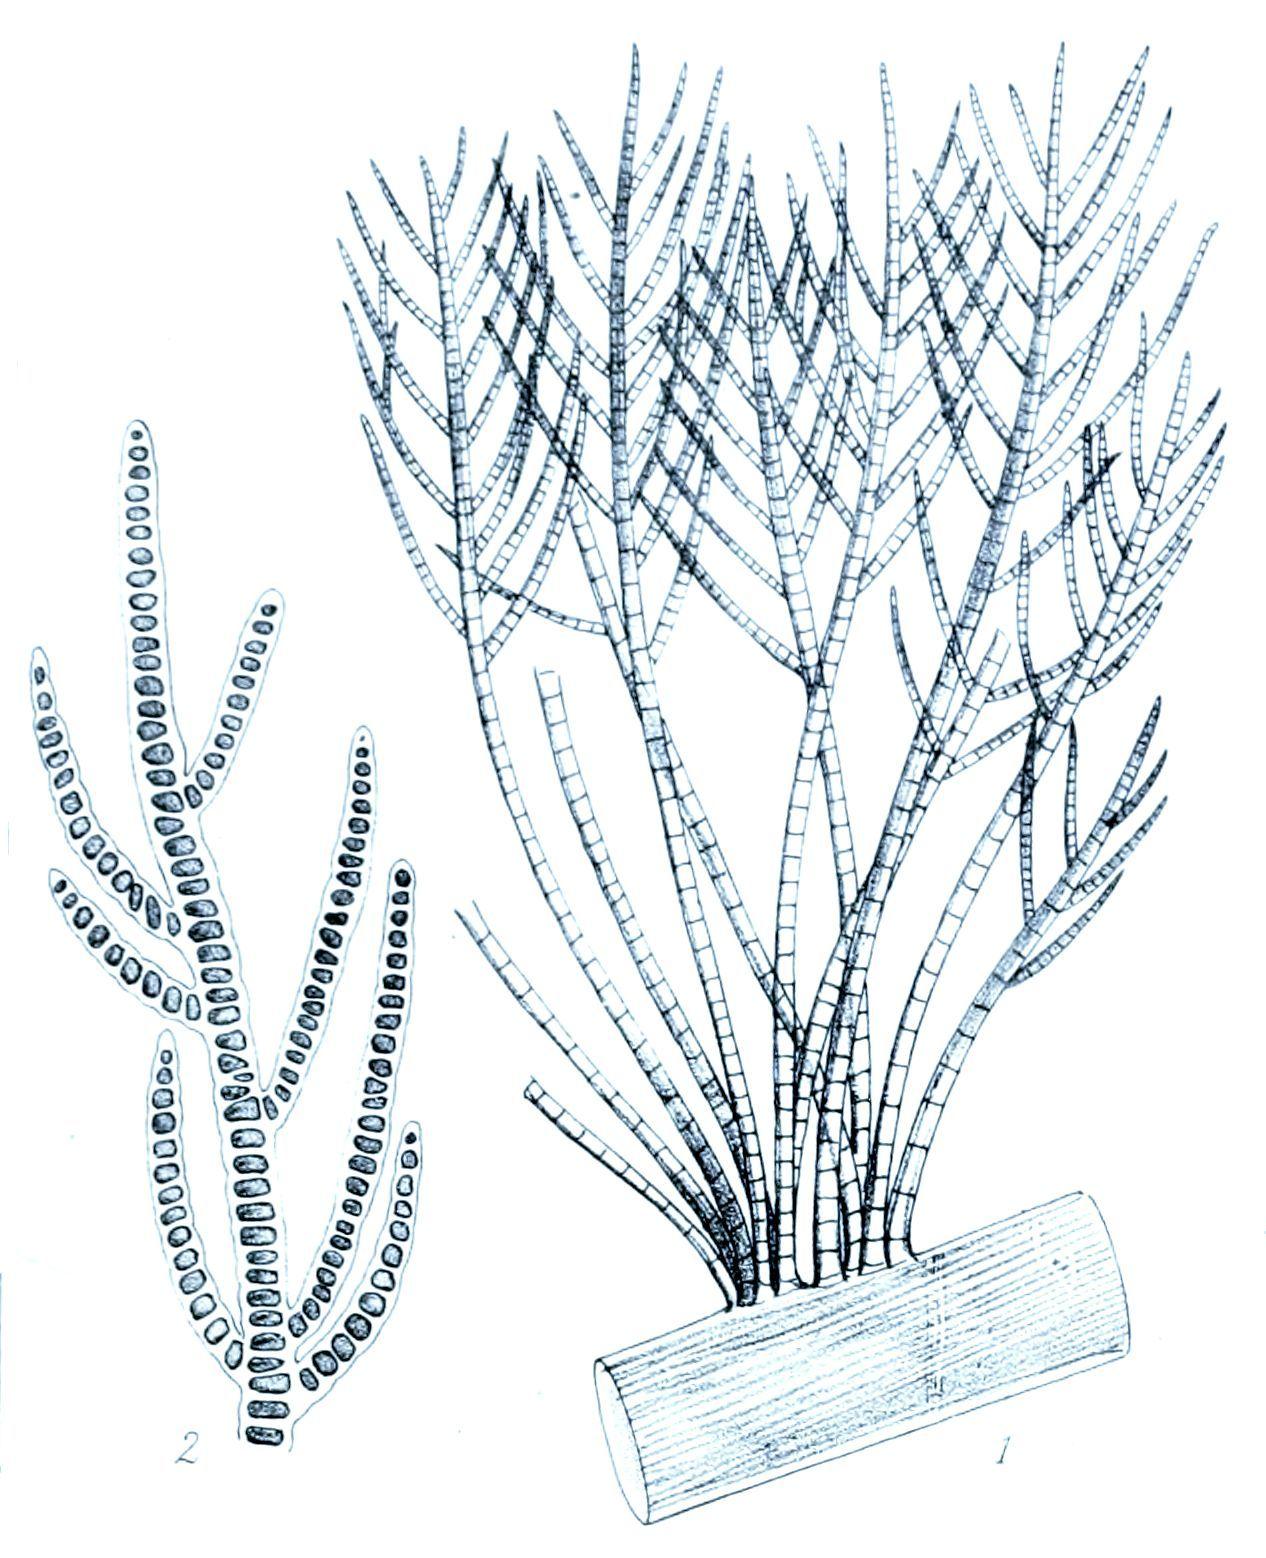 Image of Stigeoclonium